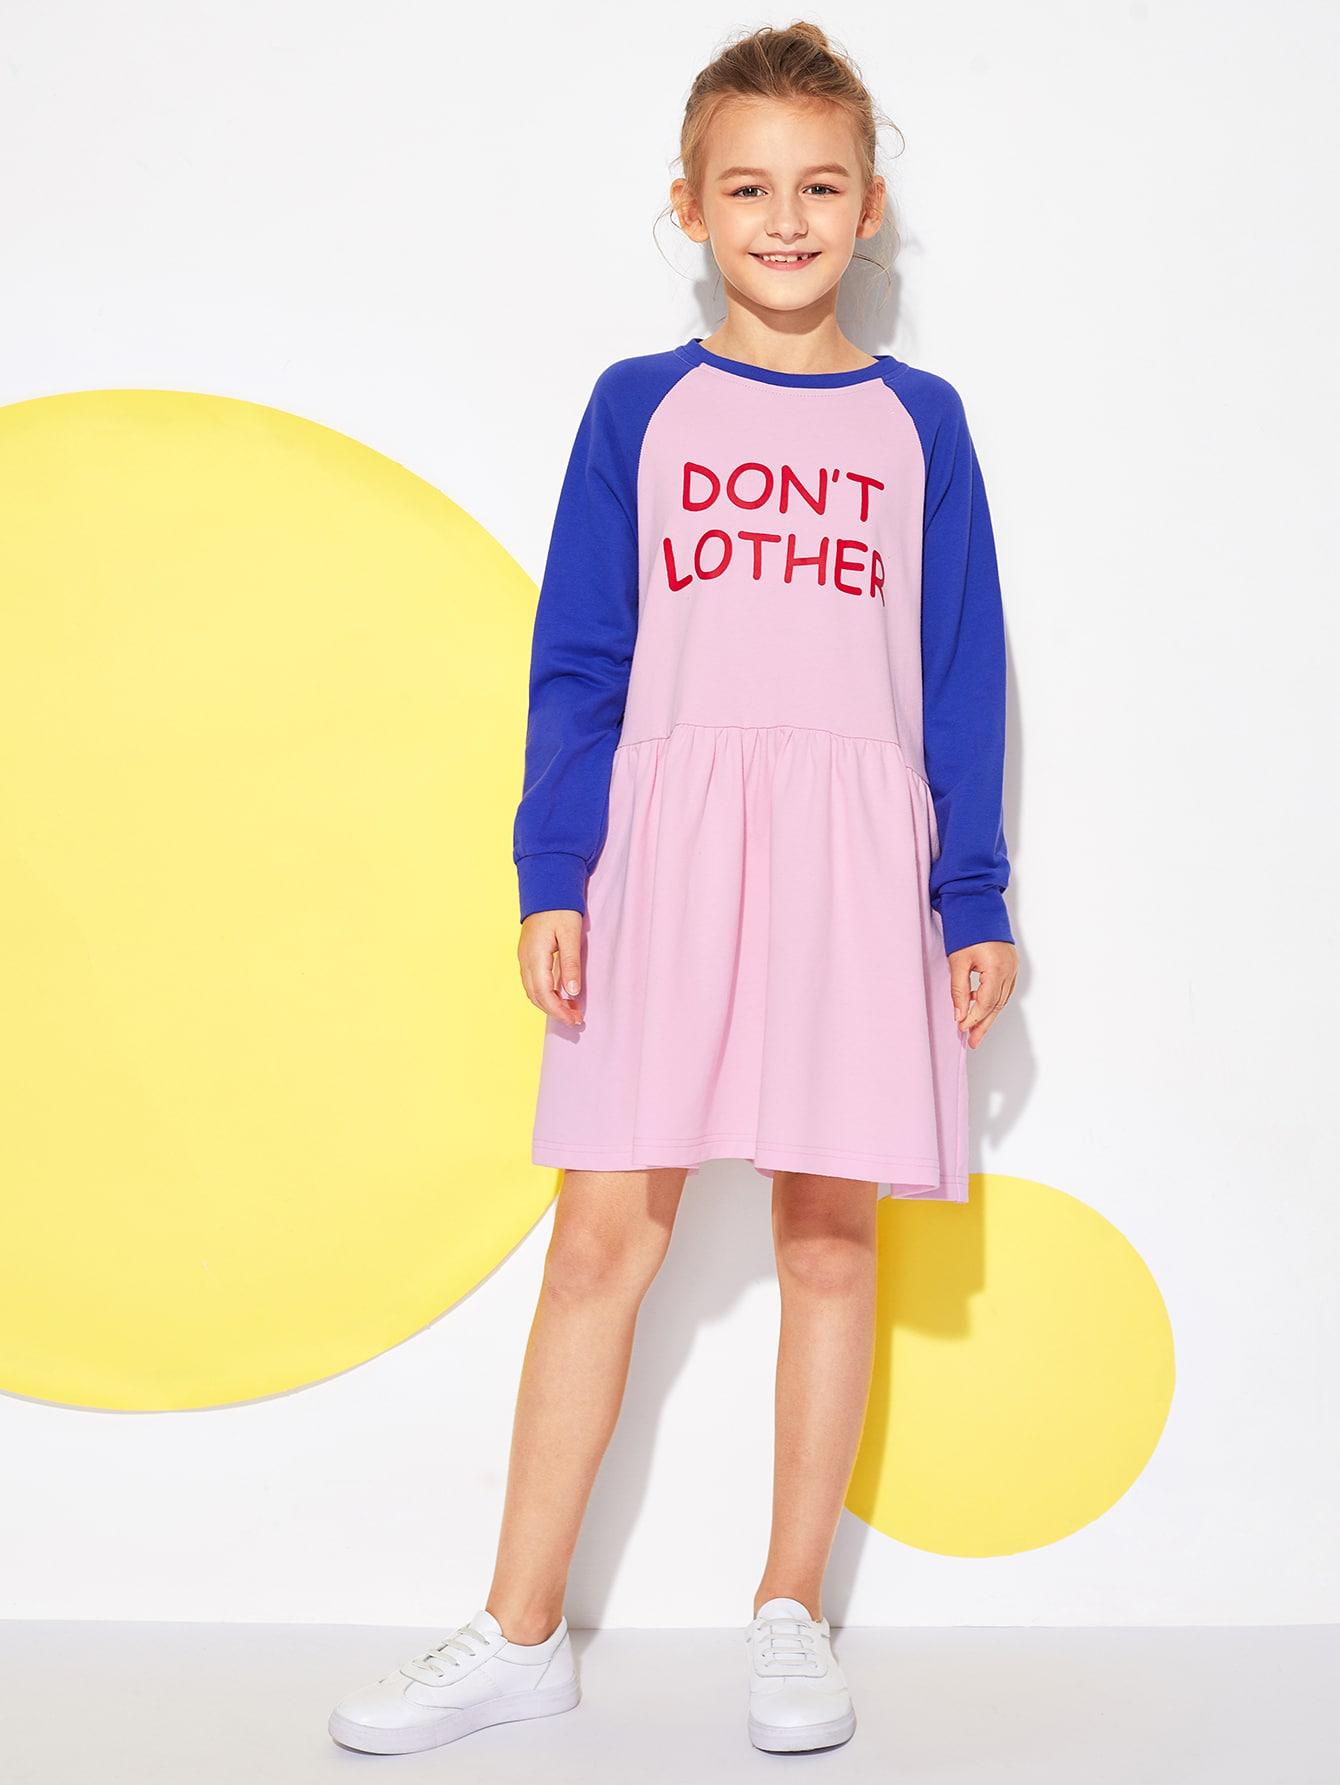 Купить Для девочек контрастное платье с текстовым принтом, Sashab, SheIn